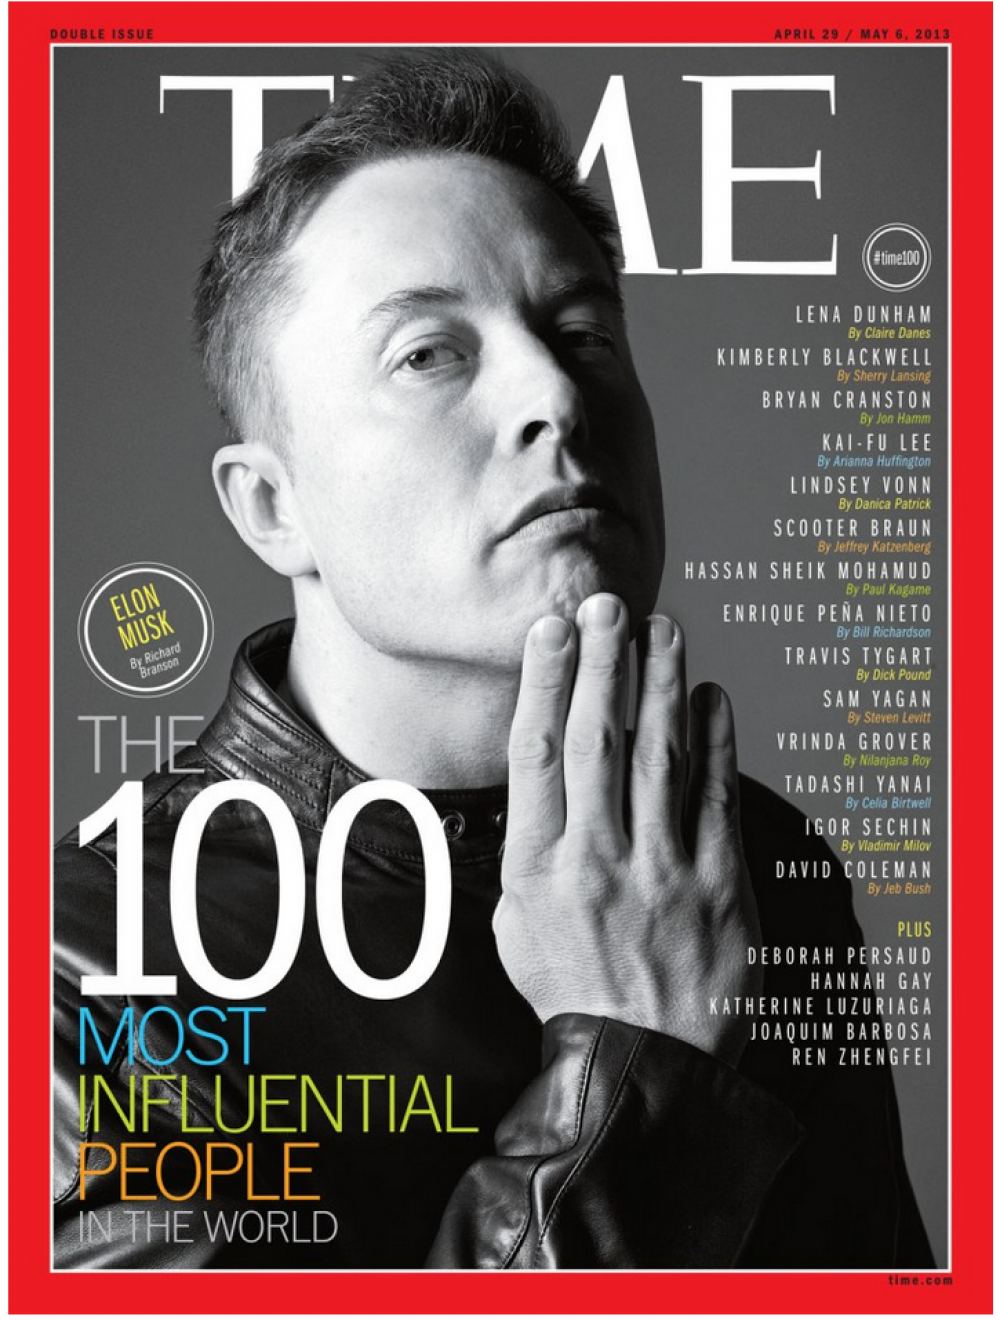 Αξίζει να διαβάσετε το TIME που μόλις κυκλοφόρησε